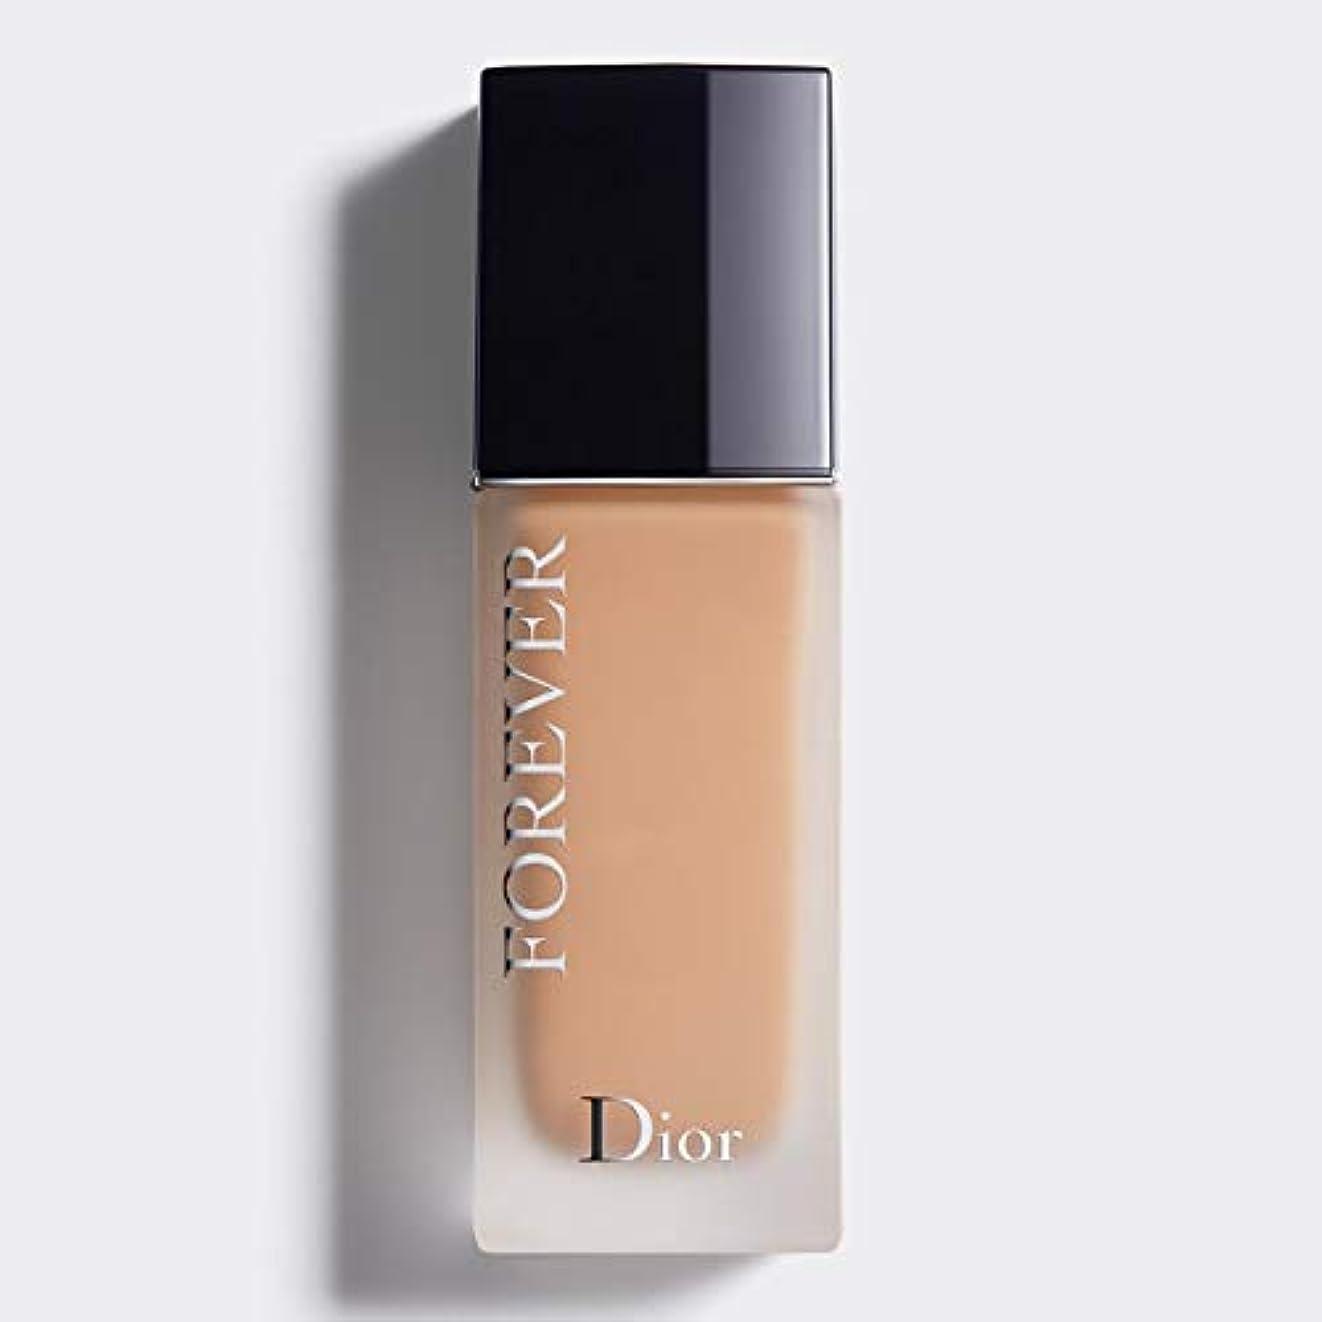 マインドタイトル応用クリスチャンディオール Dior Forever 24H Wear High Perfection Foundation SPF 35 - # 3.5N (Neutral) 30ml/1oz並行輸入品